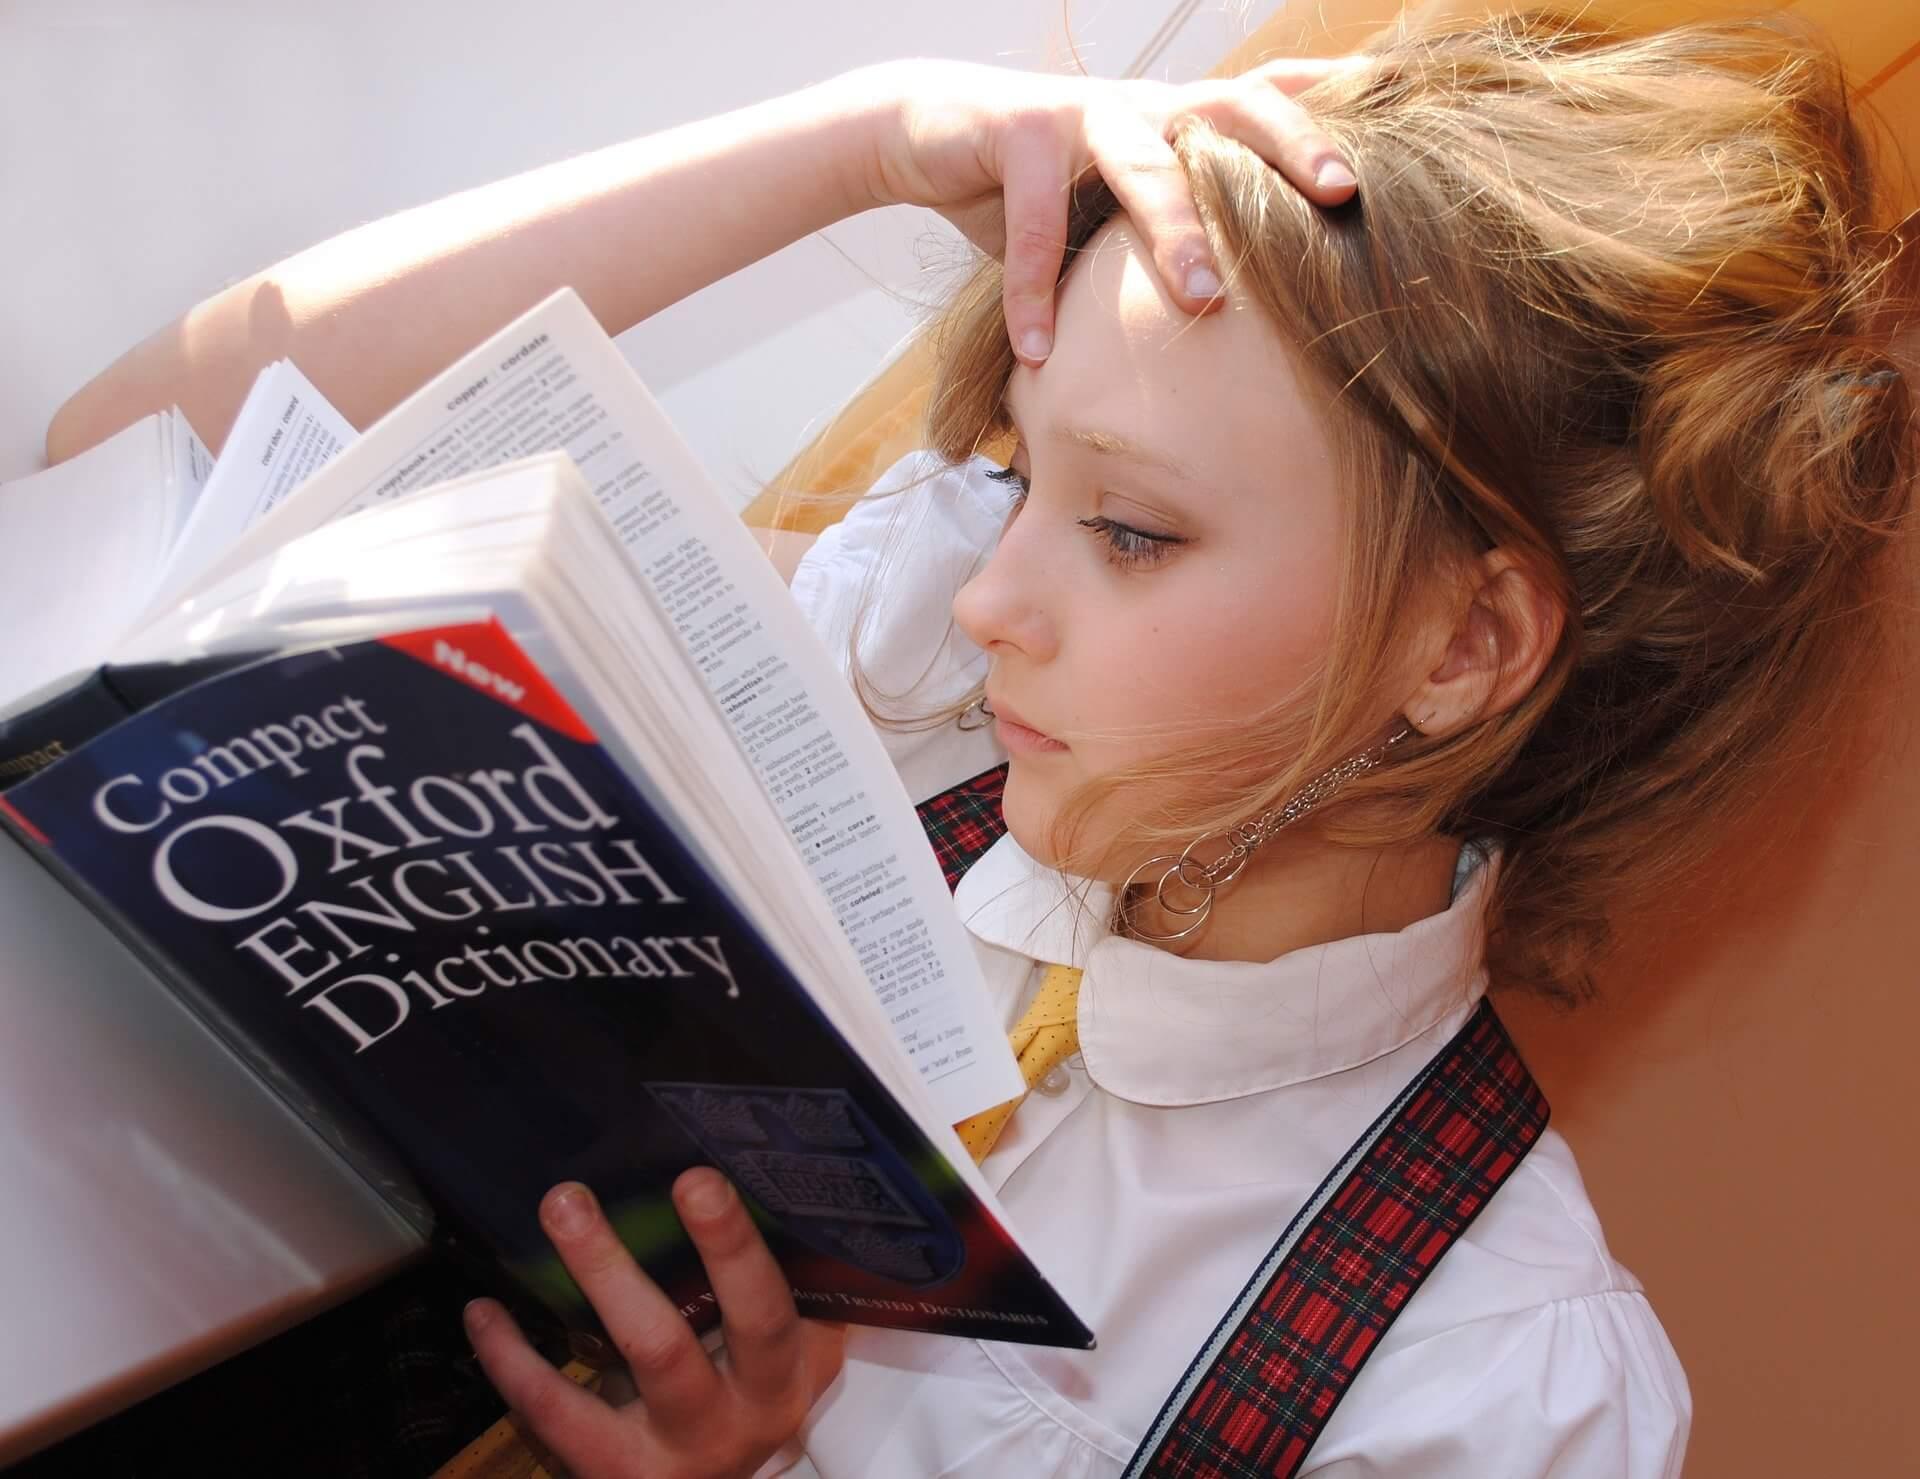 辞書を読んでいる女の子の画像